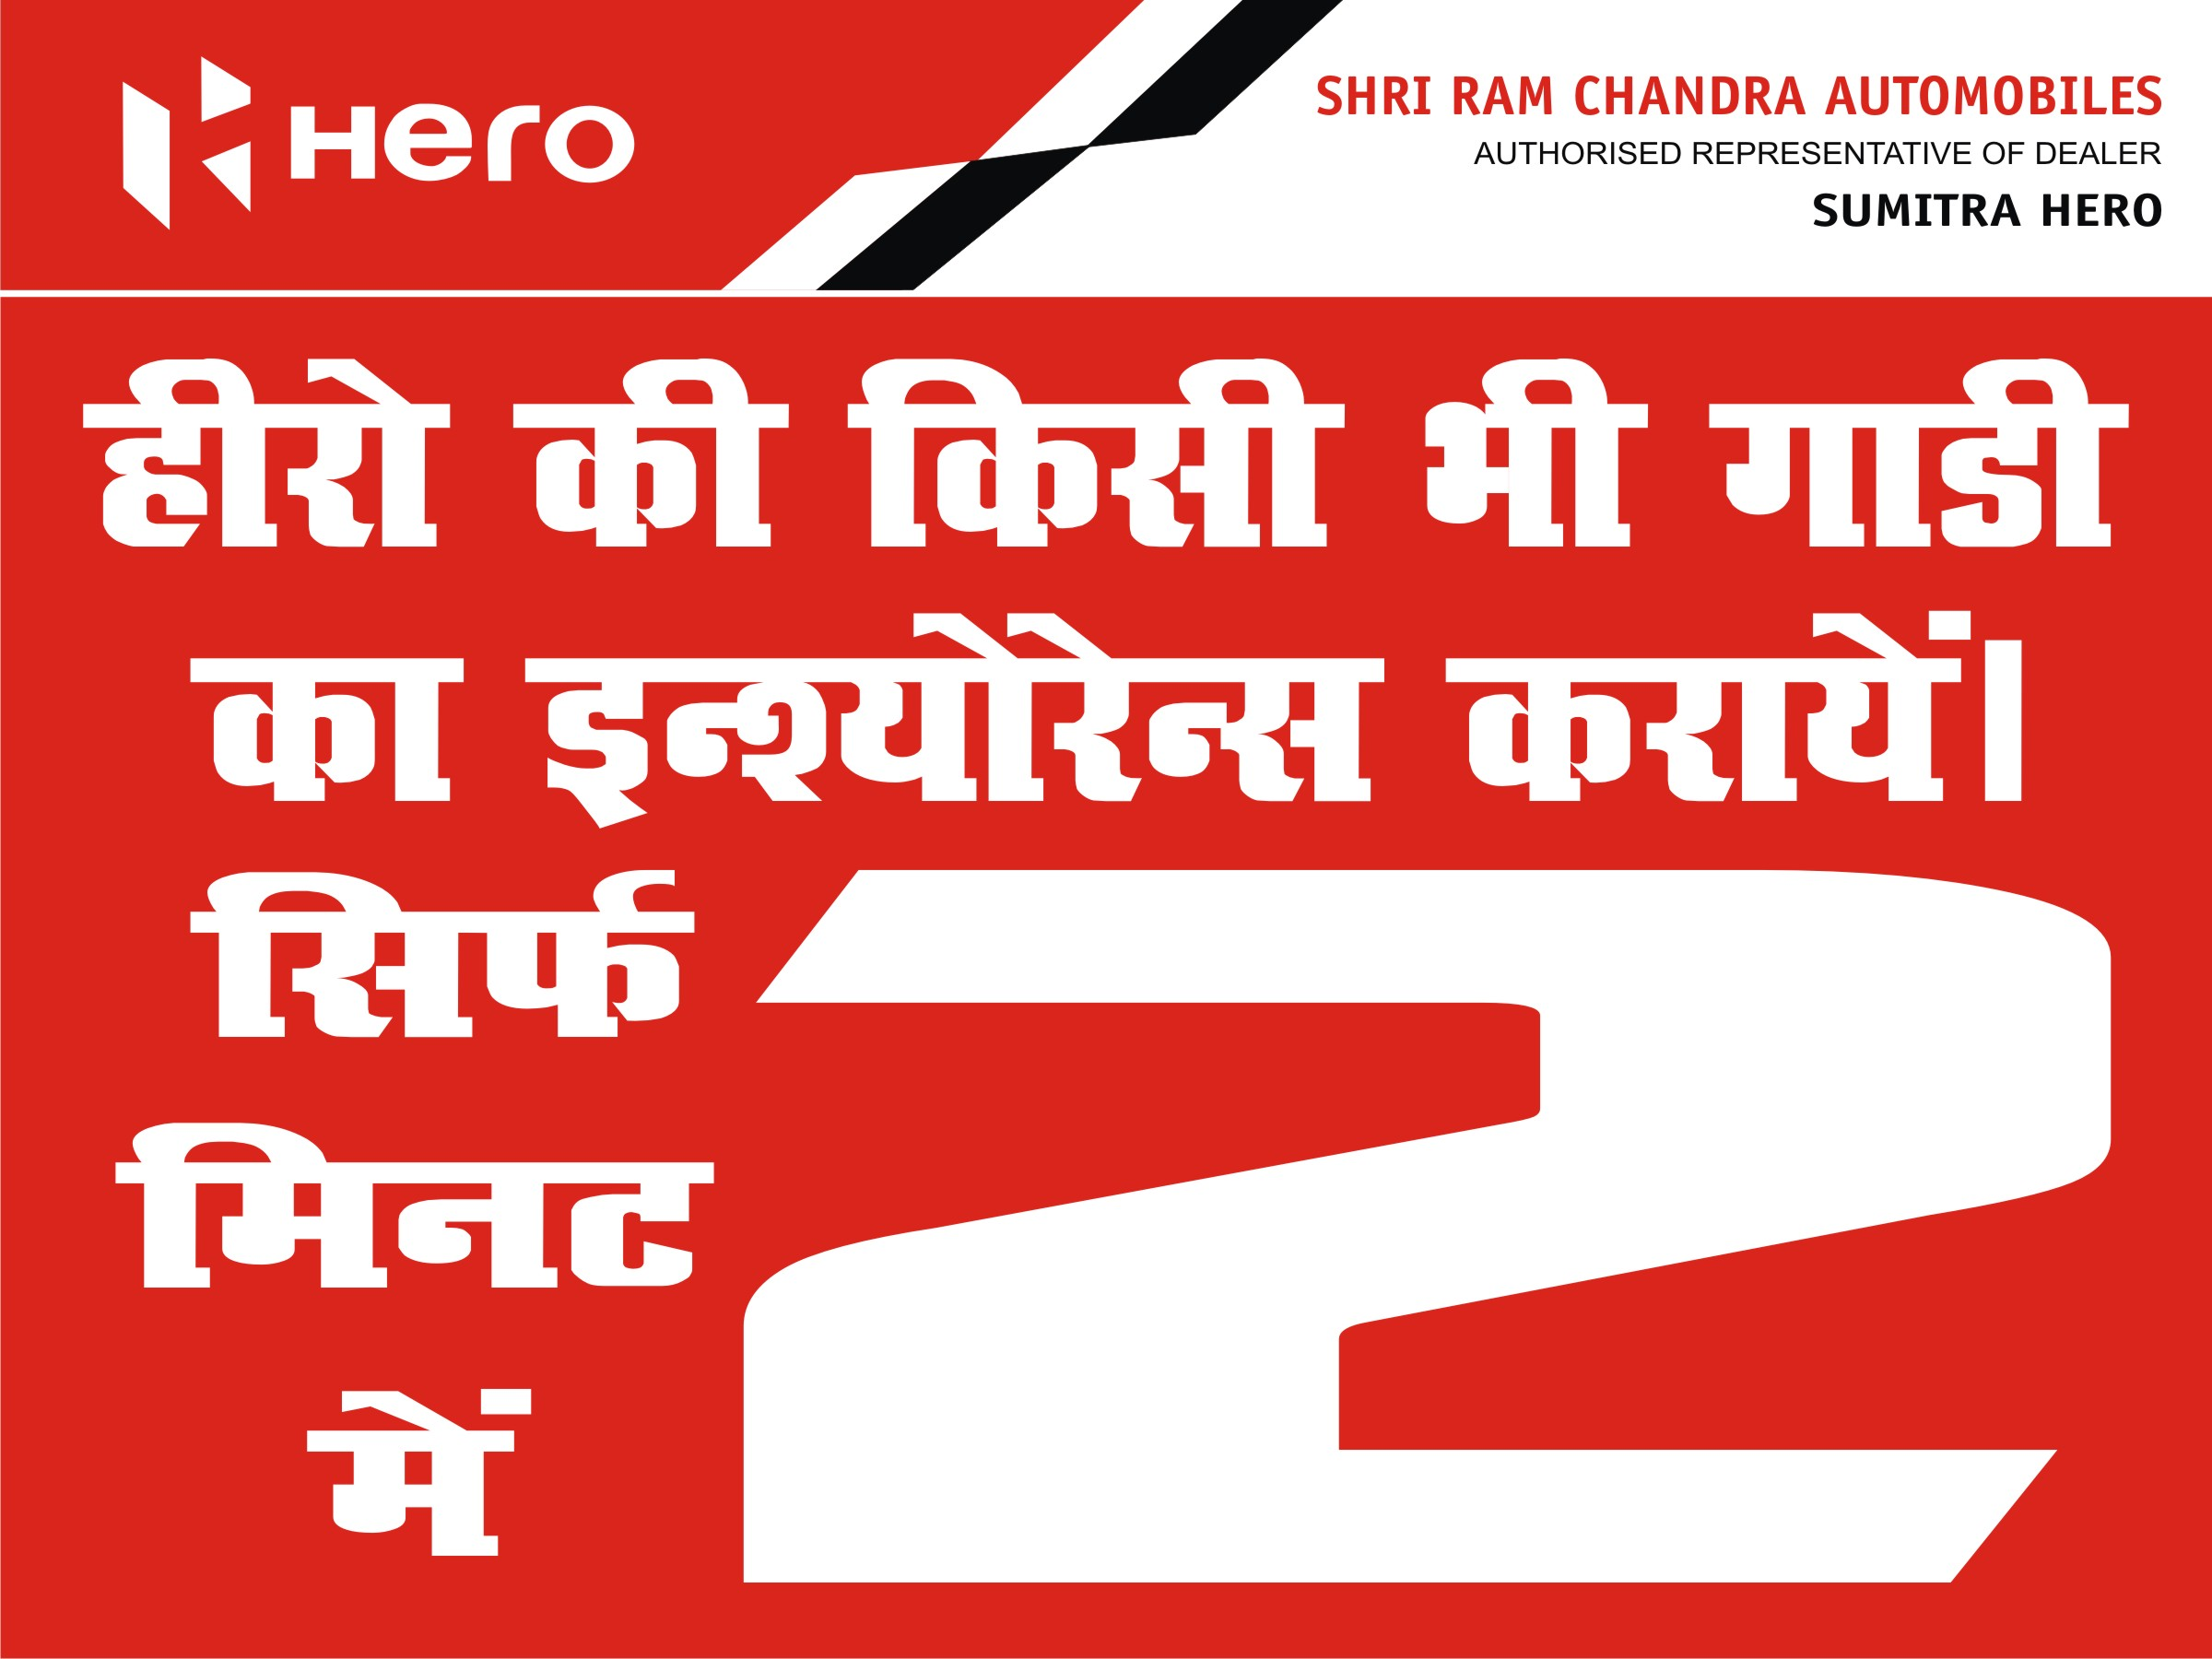 Shri Ram Chandra Automobiles - logo